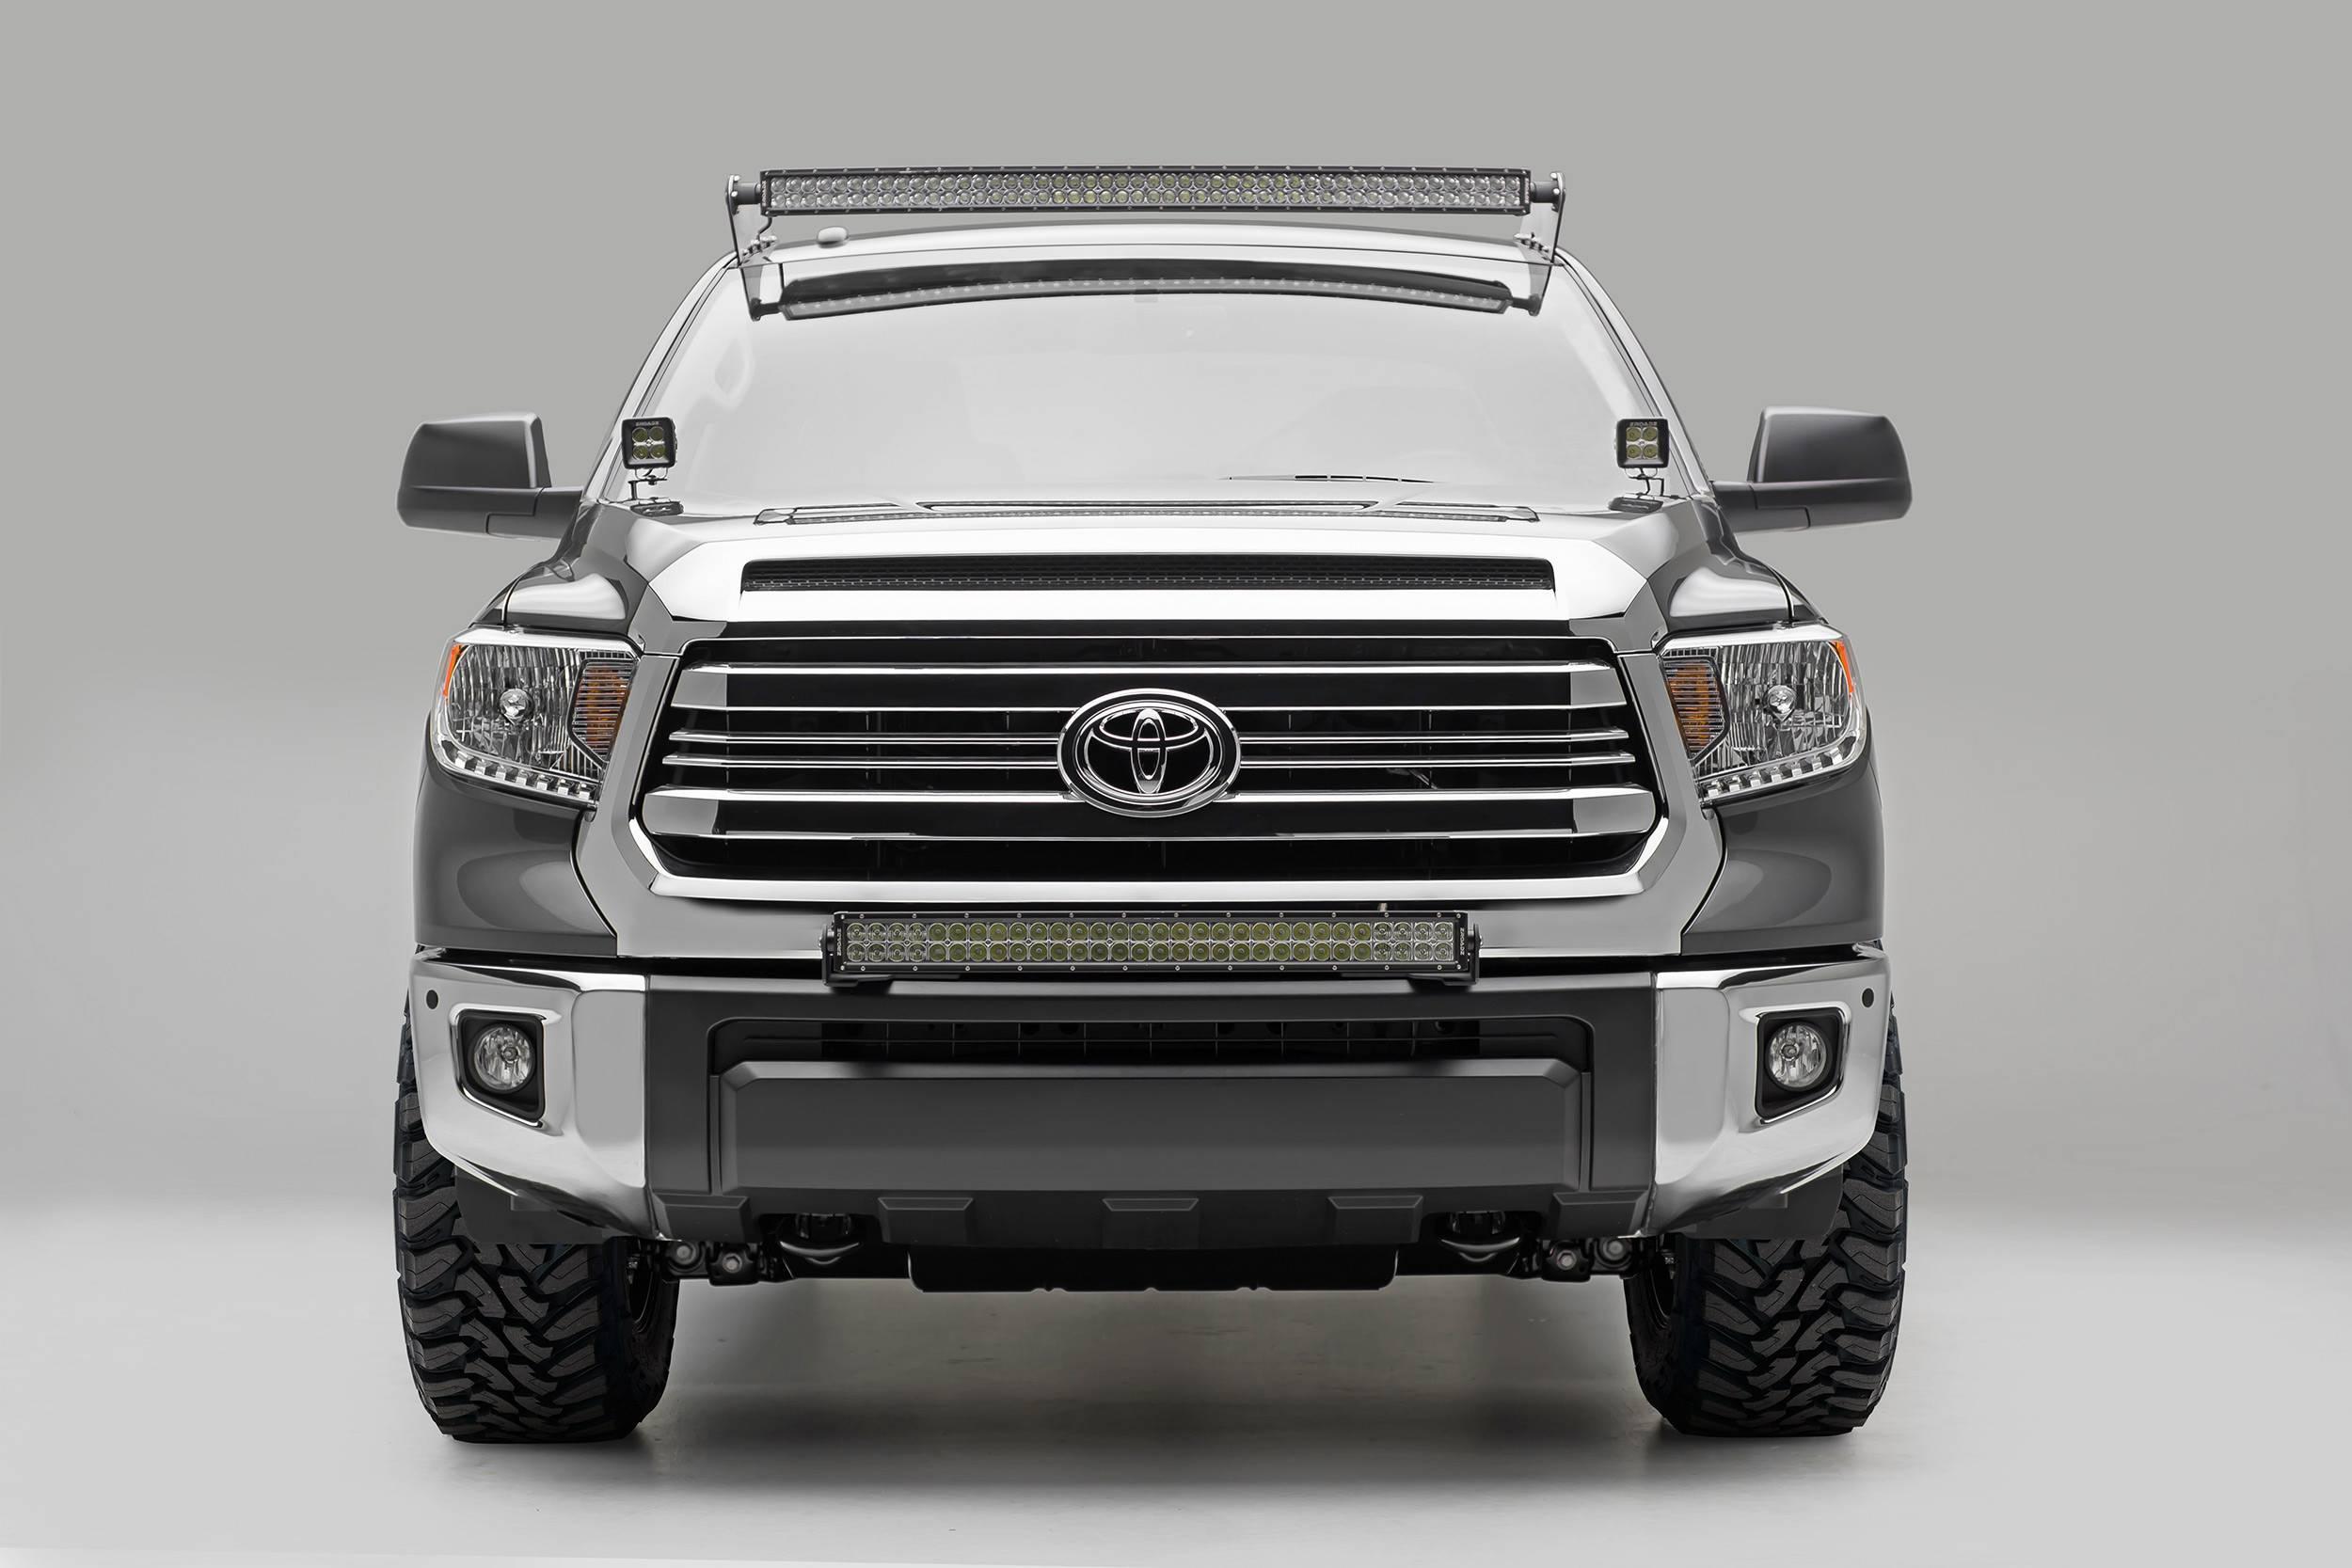 2014-2019 Toyota Tundra Hood Hinge LED Kit, Incl. (2) 3 Inch LED Pod Lights - PN #Z369641-KIT2